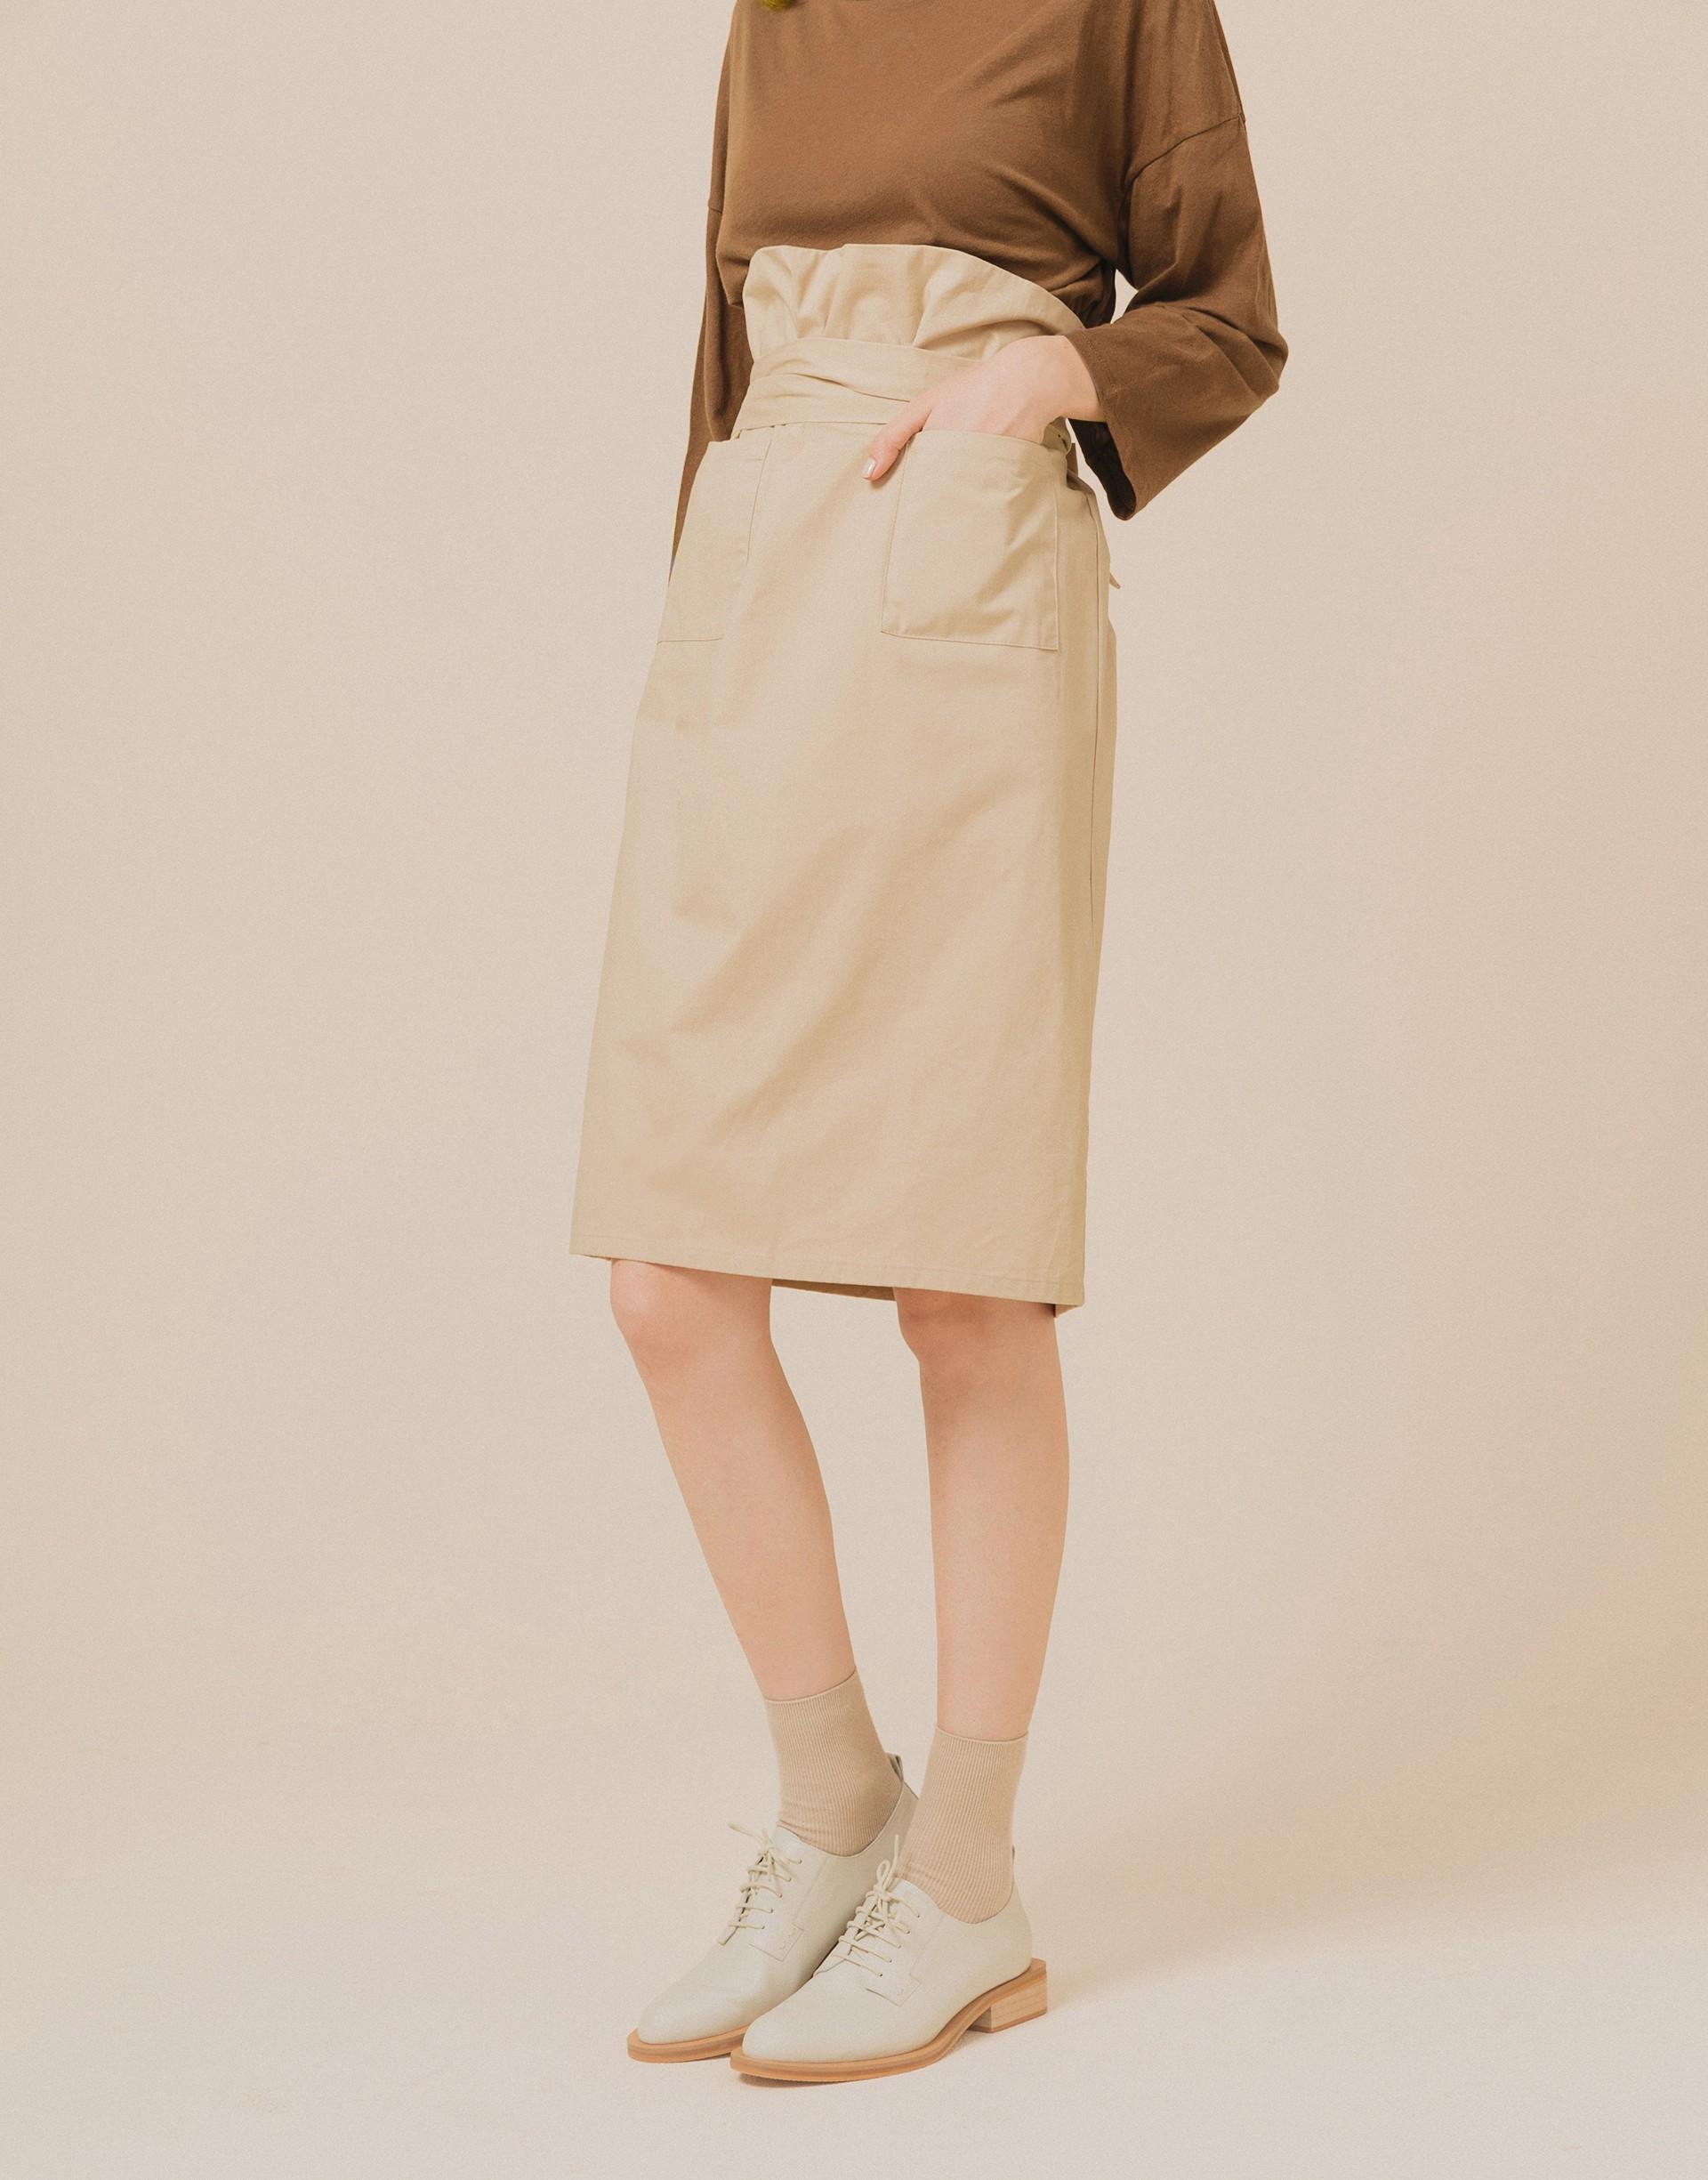 花苞裙款式/後中做鬆緊帶/前有兩個貼口袋/兩側綁帶固定不可拆/有內裡